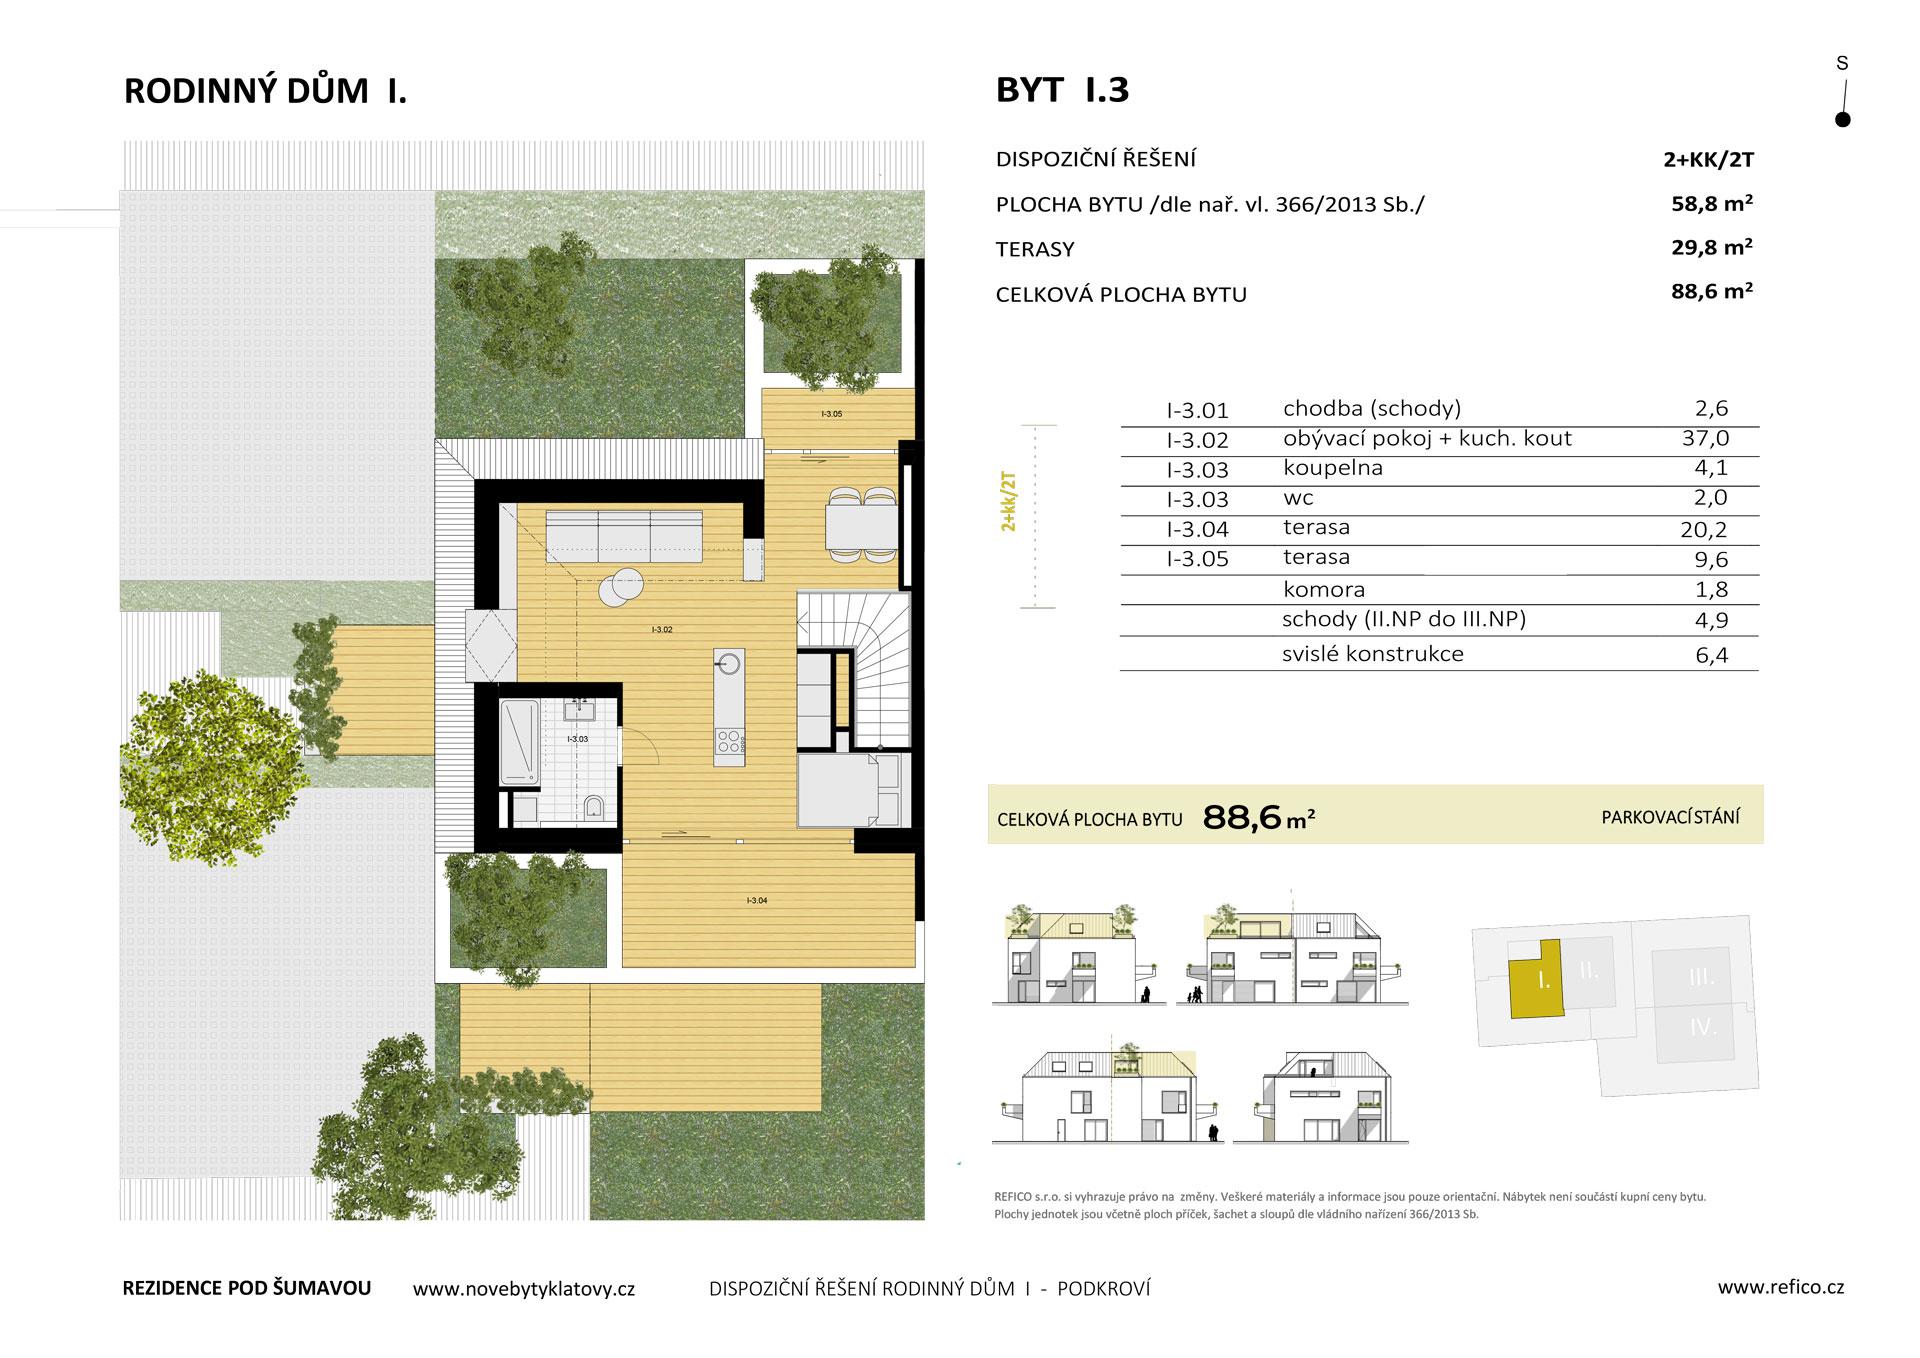 Dům I., byt 3, podkroví, 2+kk/2T